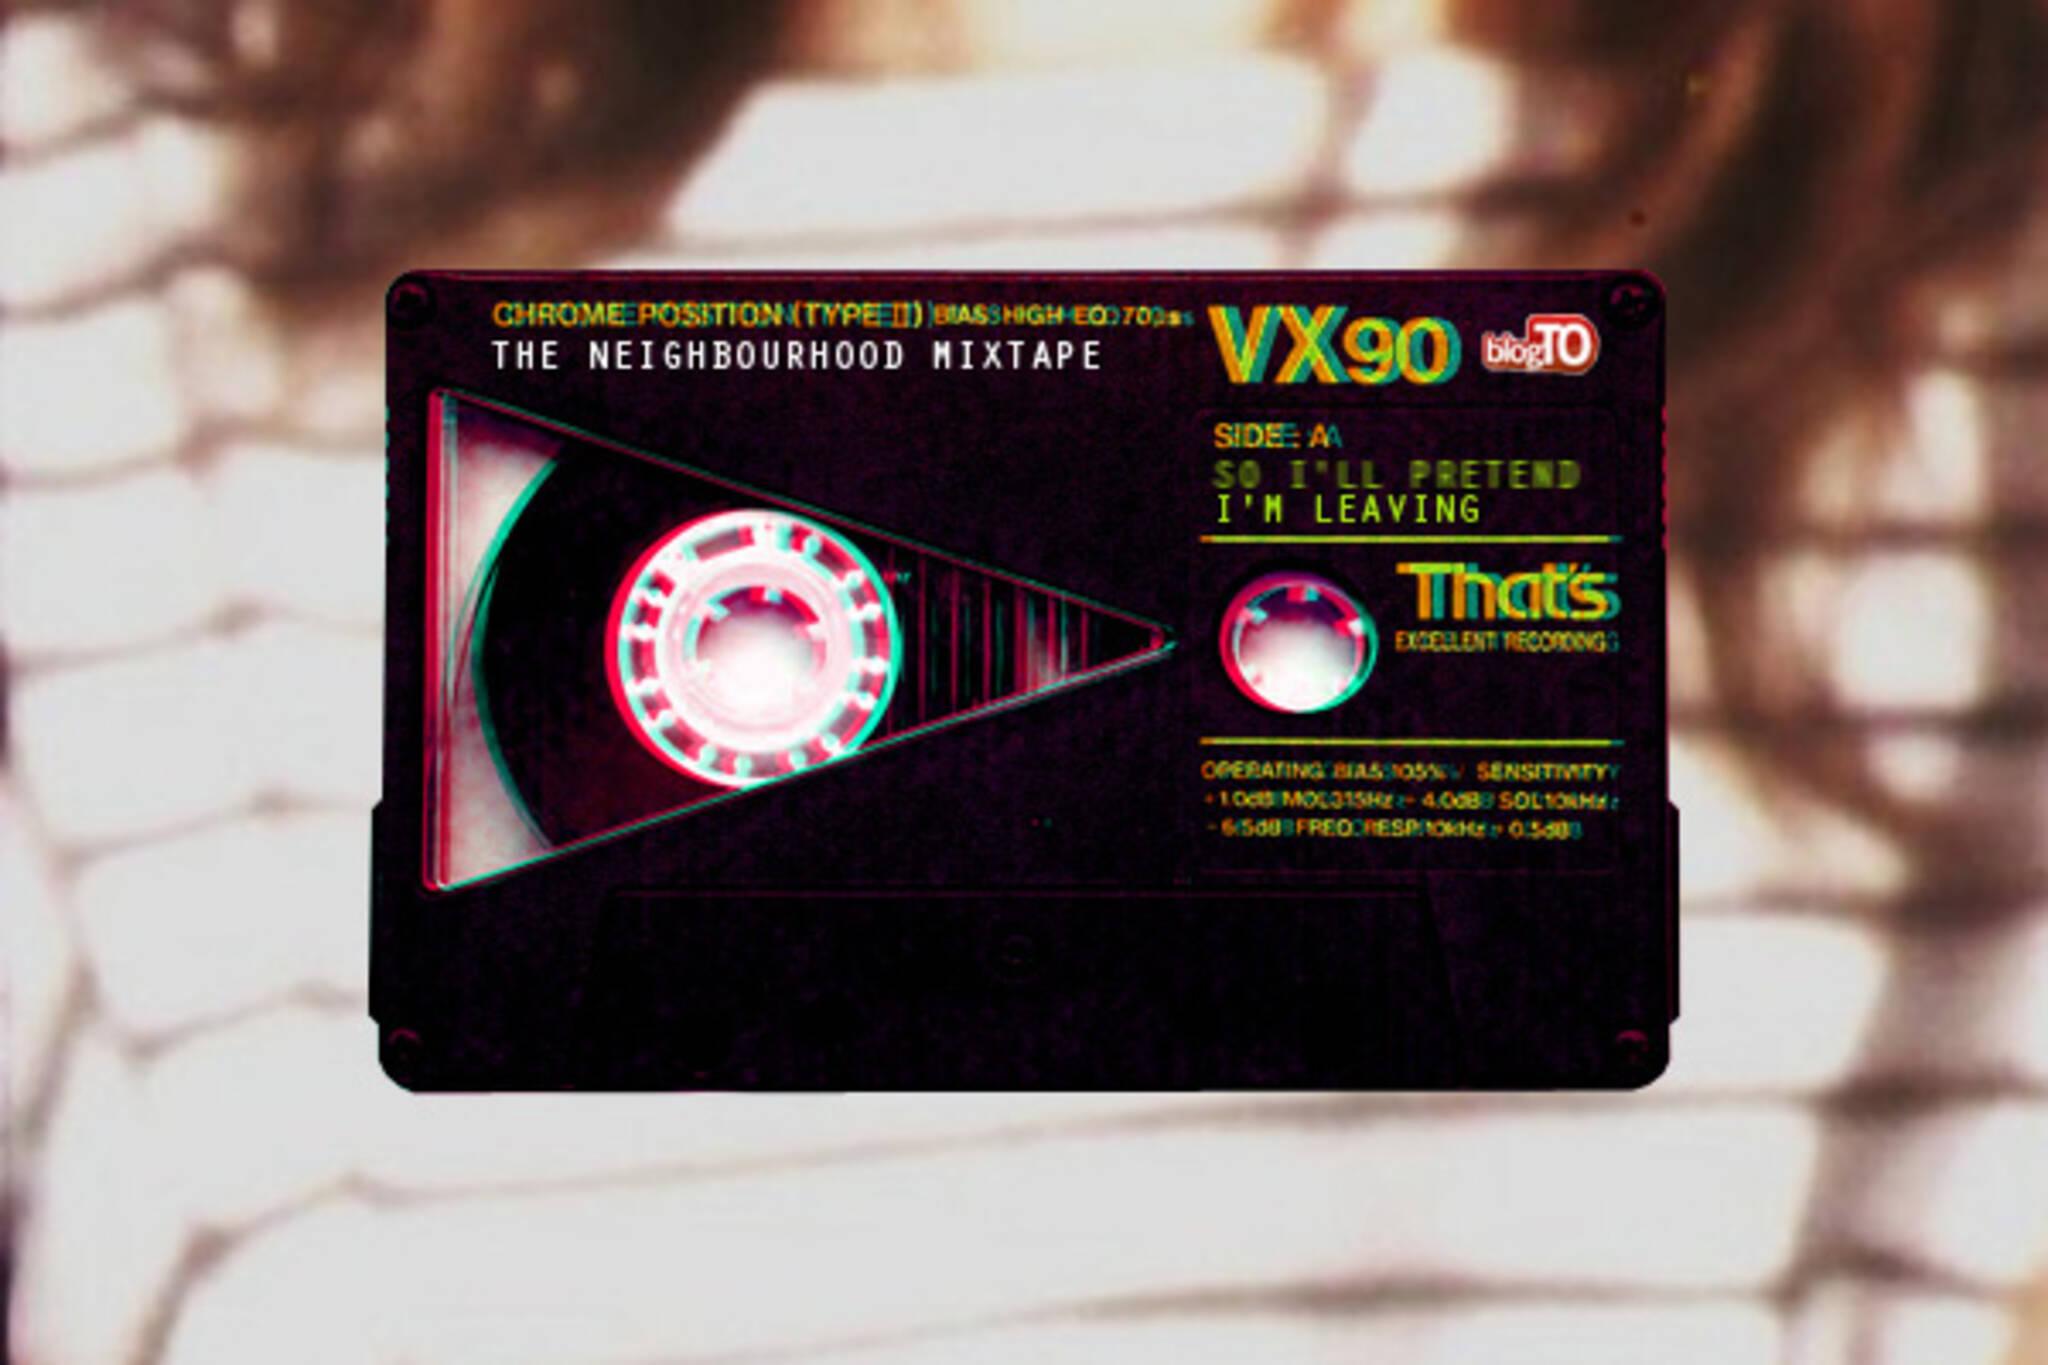 The Neighbourhood Mixtape